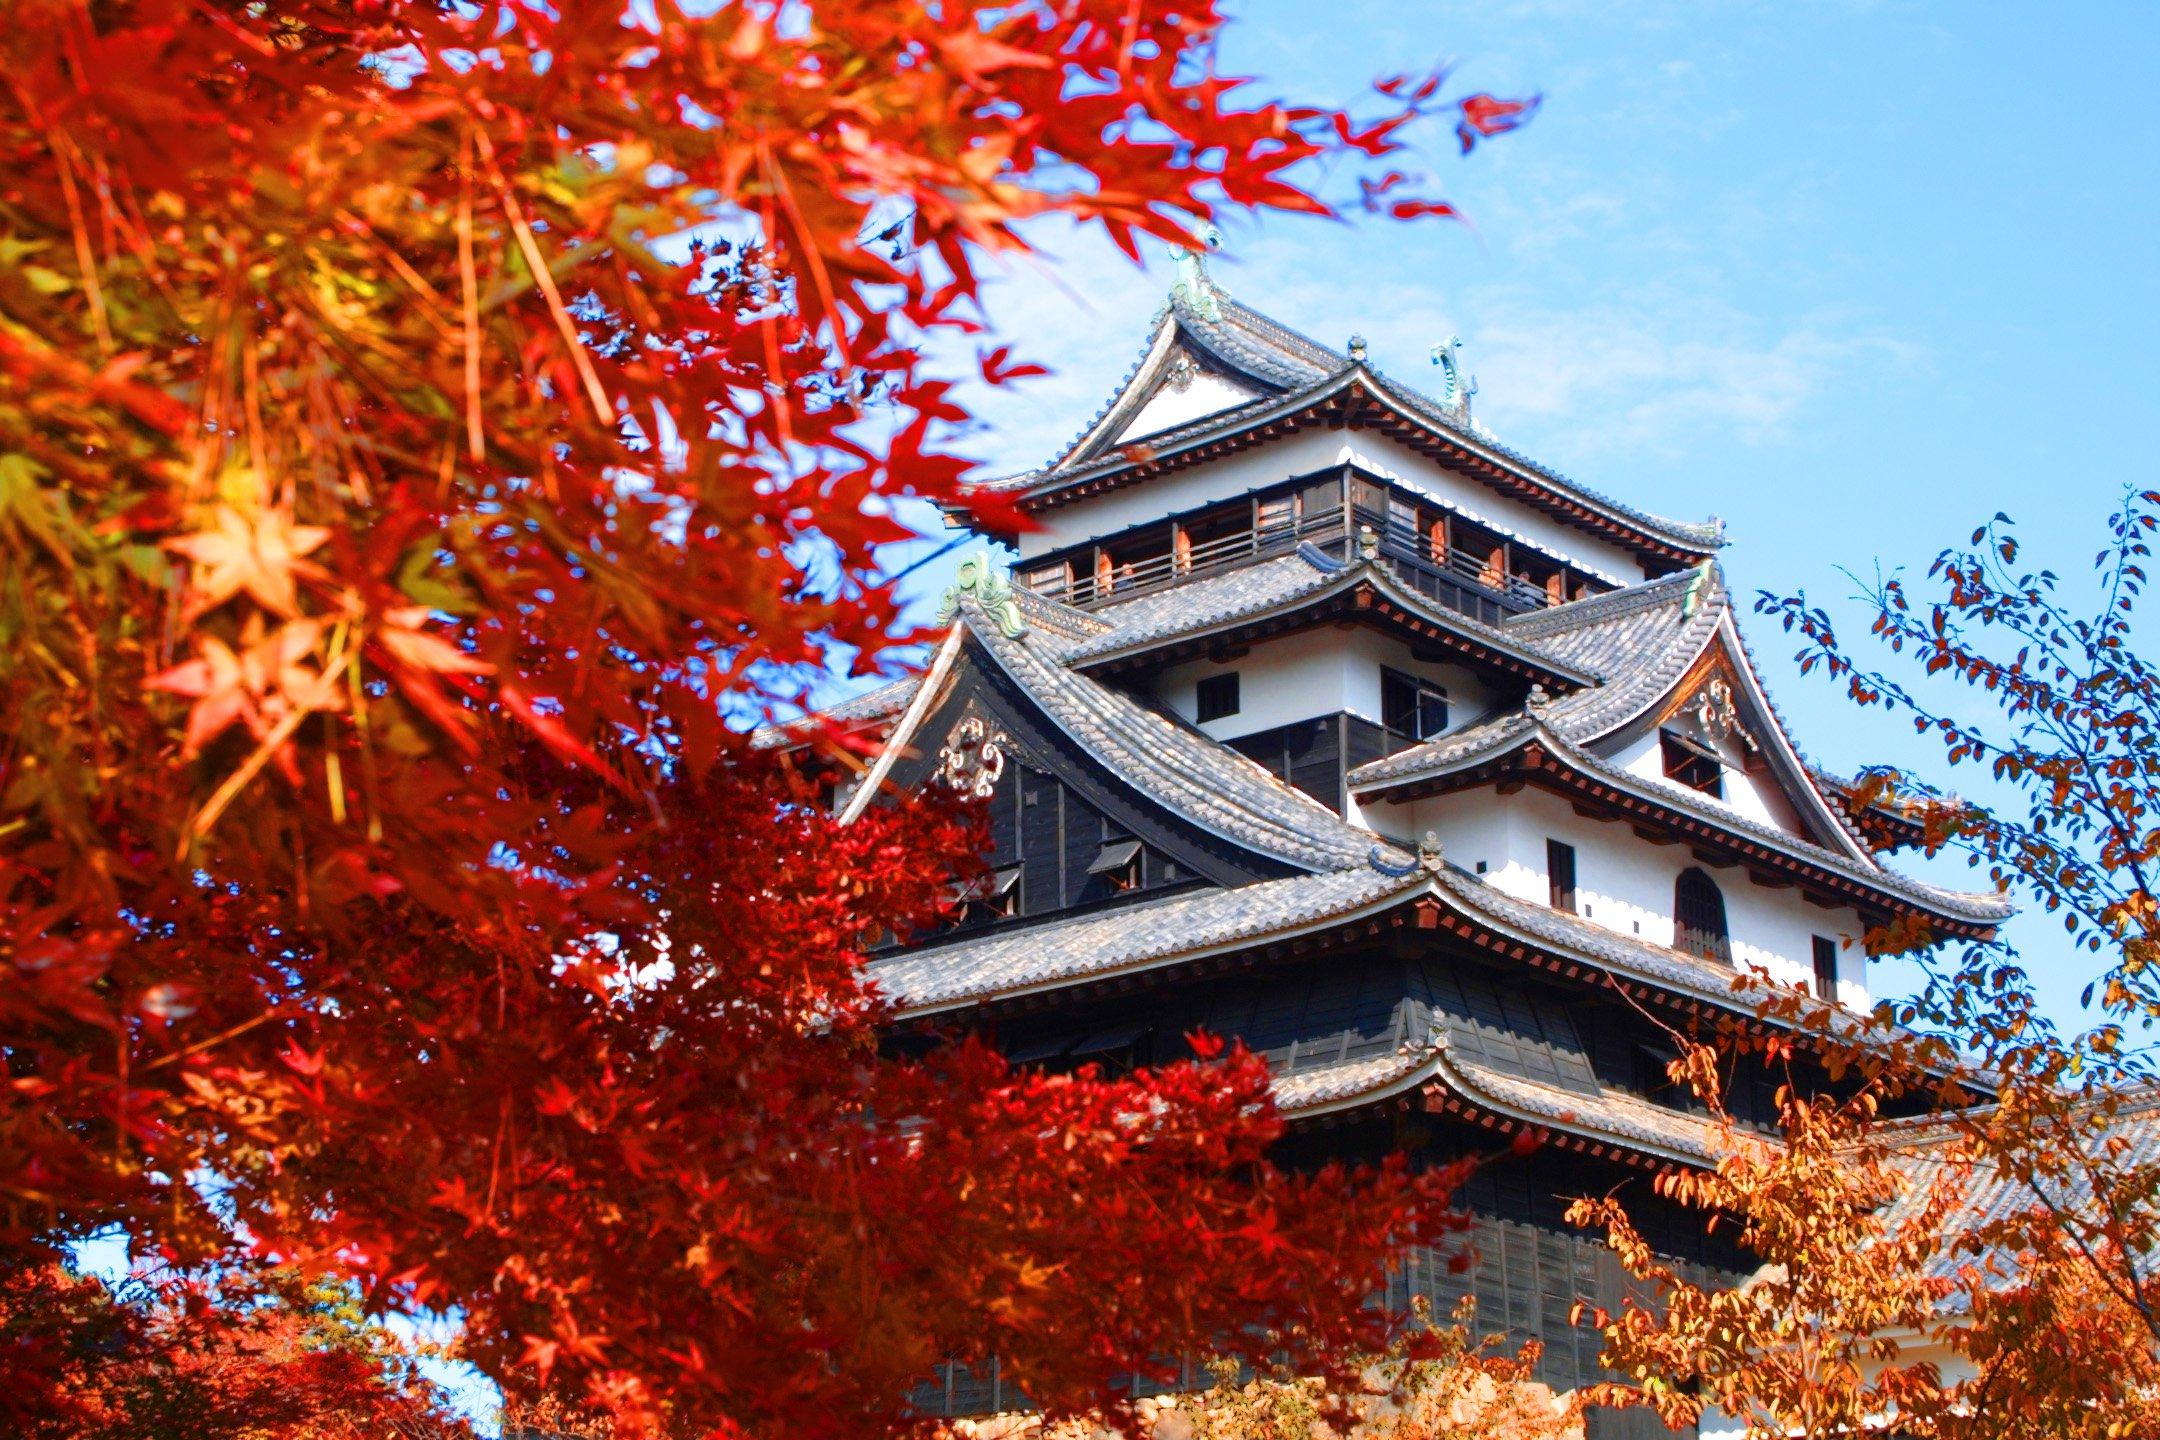 Lâu đài cổ kính bên lá mùa thu vàng